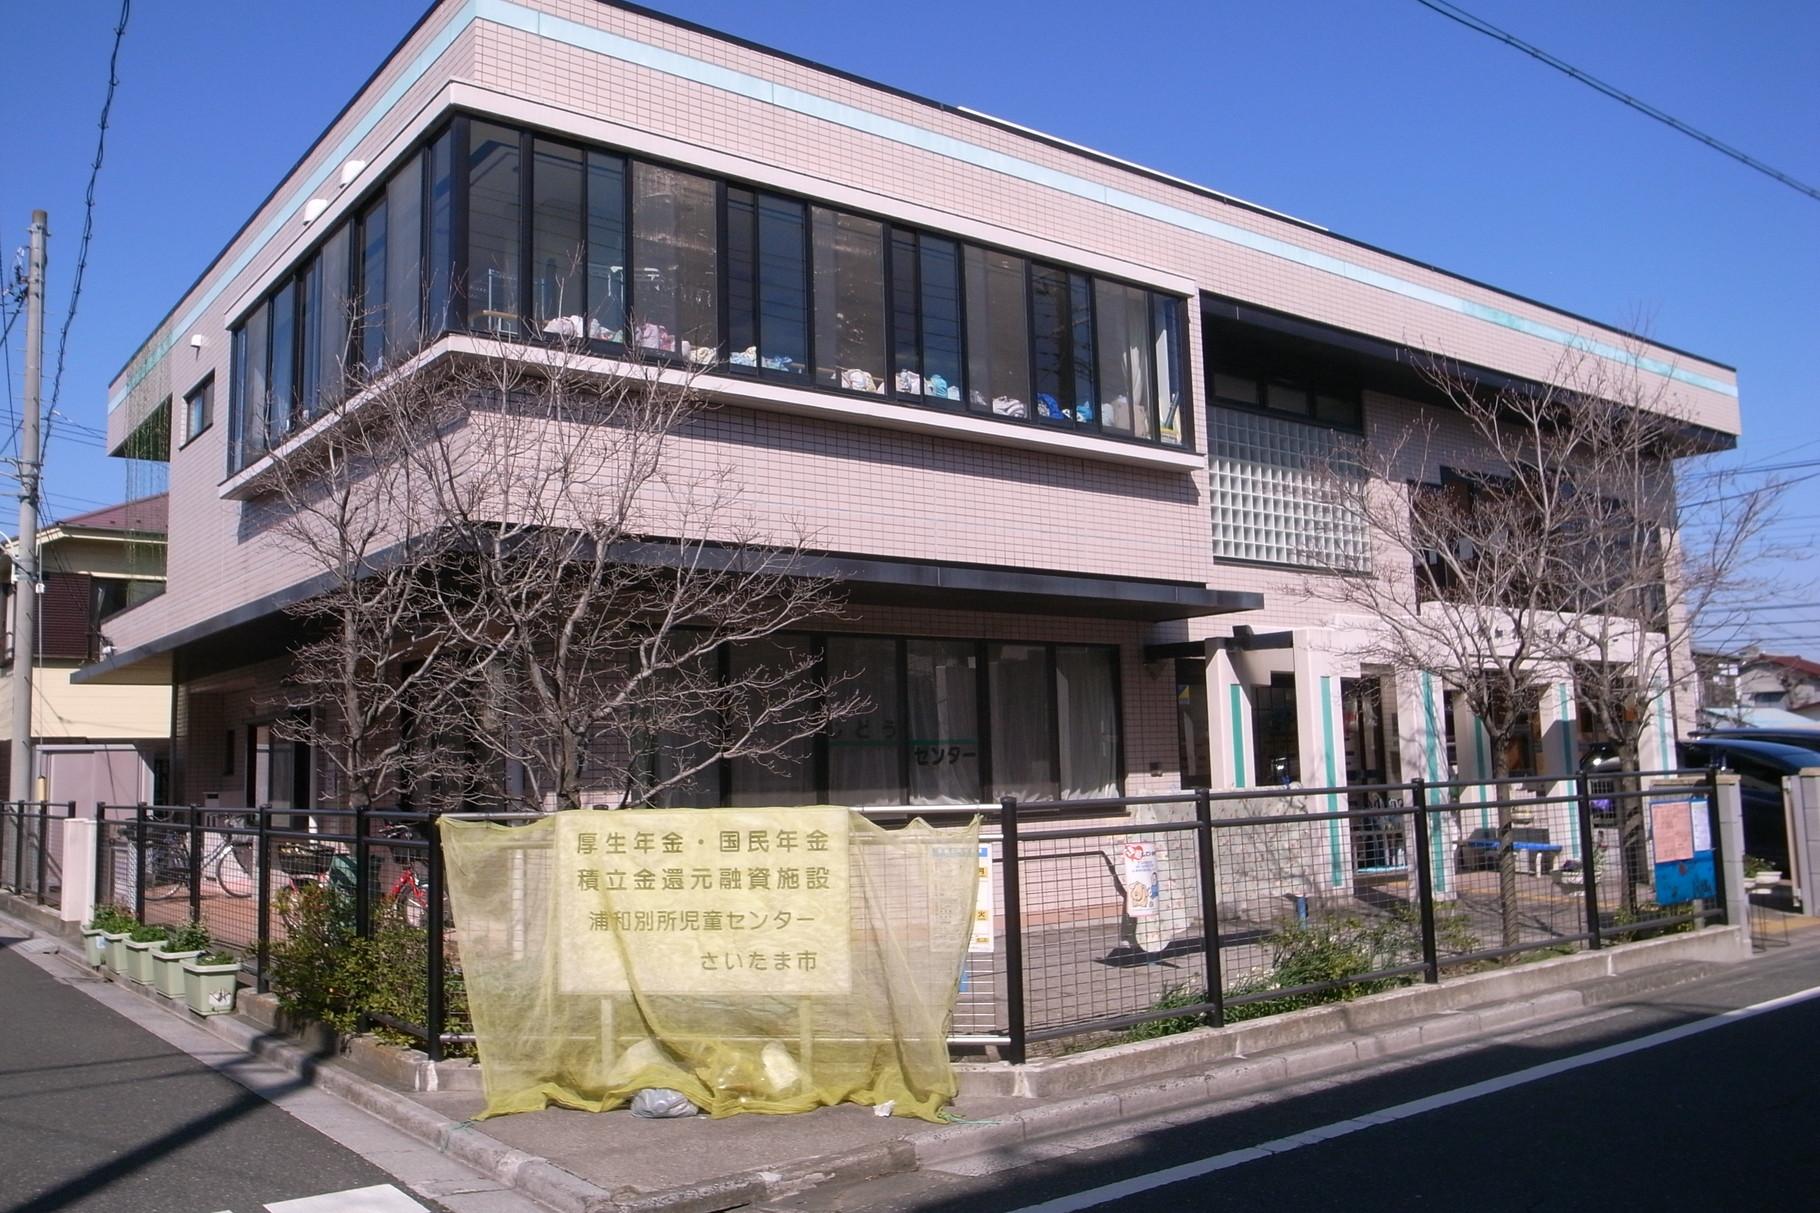 浦和別所児童センター・放課後児童クラブ 270m(徒歩4分)